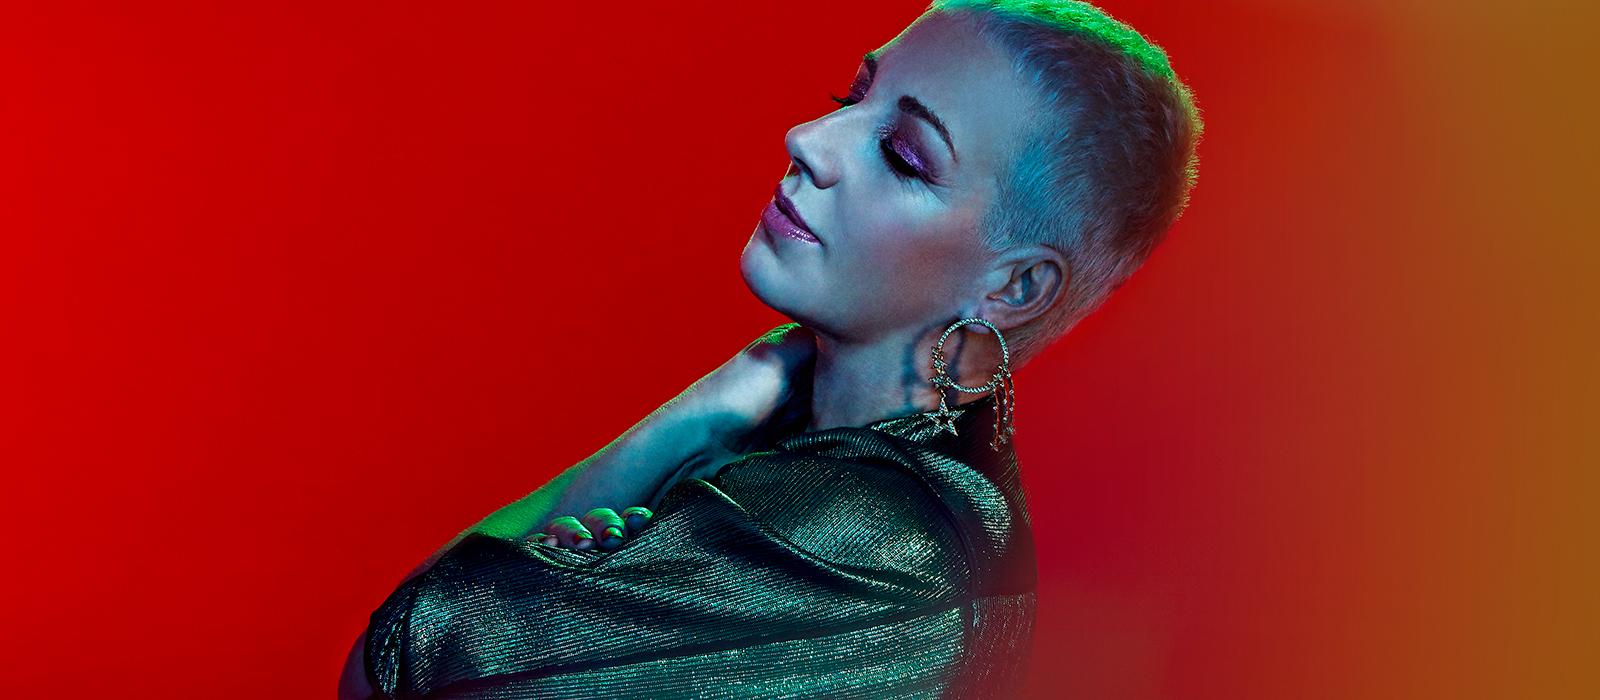 Ana Torroja busca fortalecer la interacción humana con su nuevo single 'Antes'